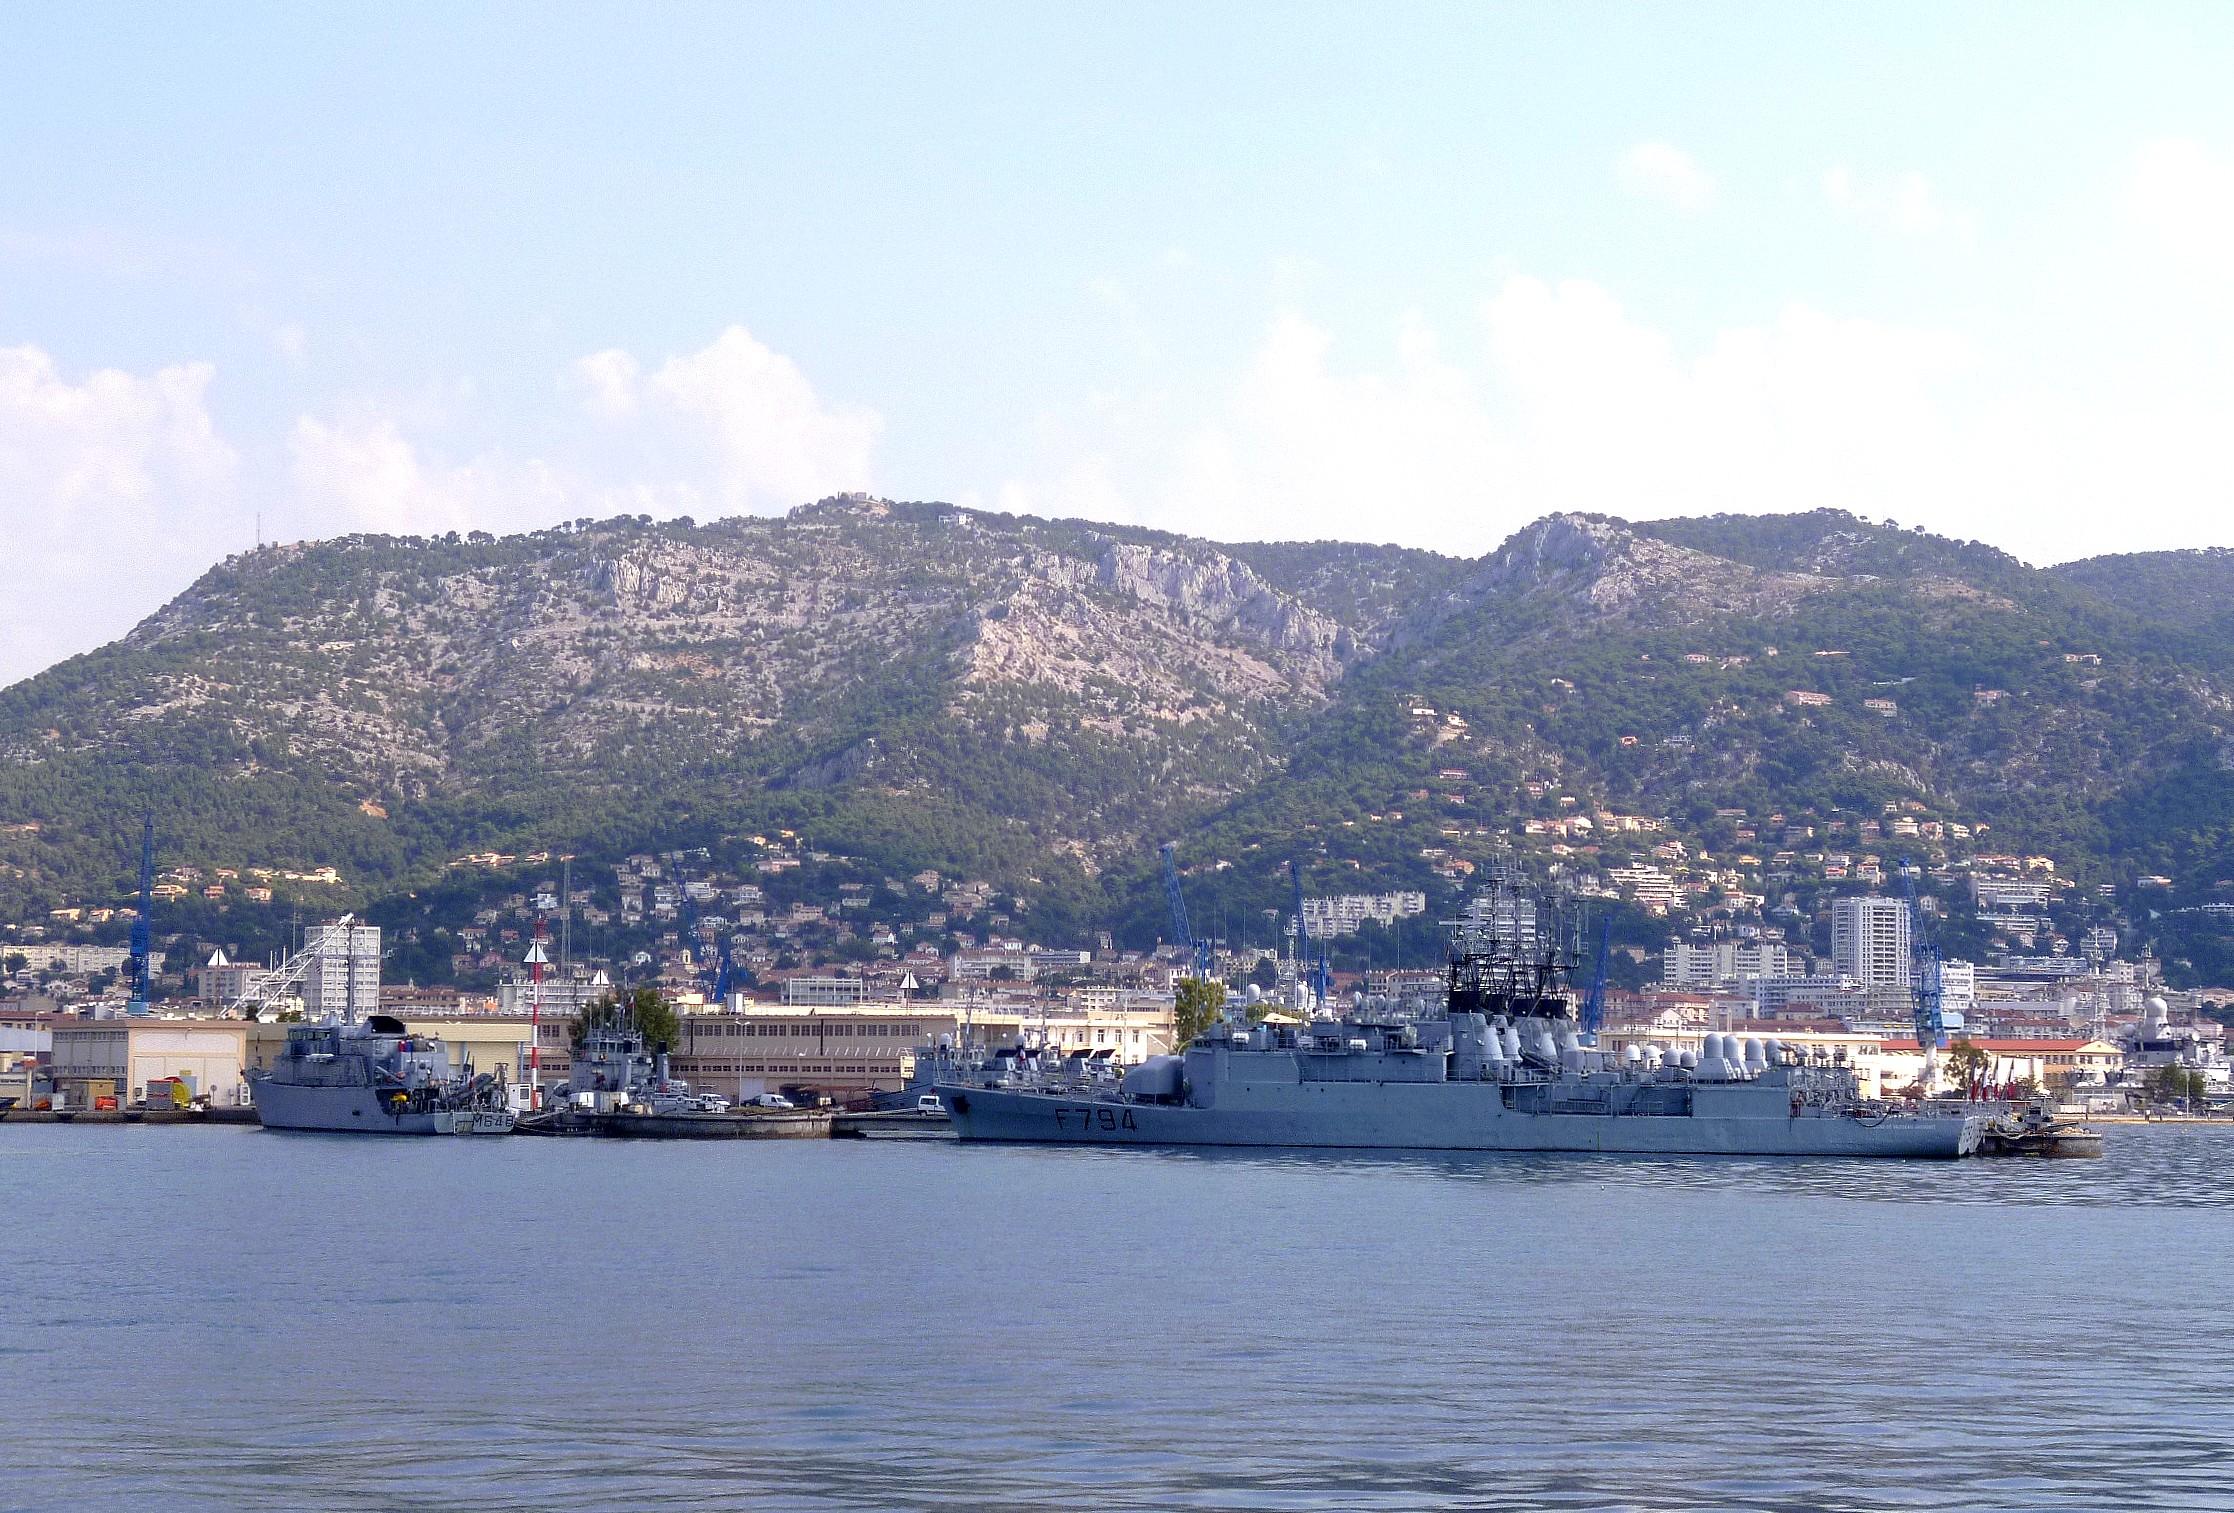 Les news en images du port de TOULON - Page 36 9565101720_e9c1900f28_o